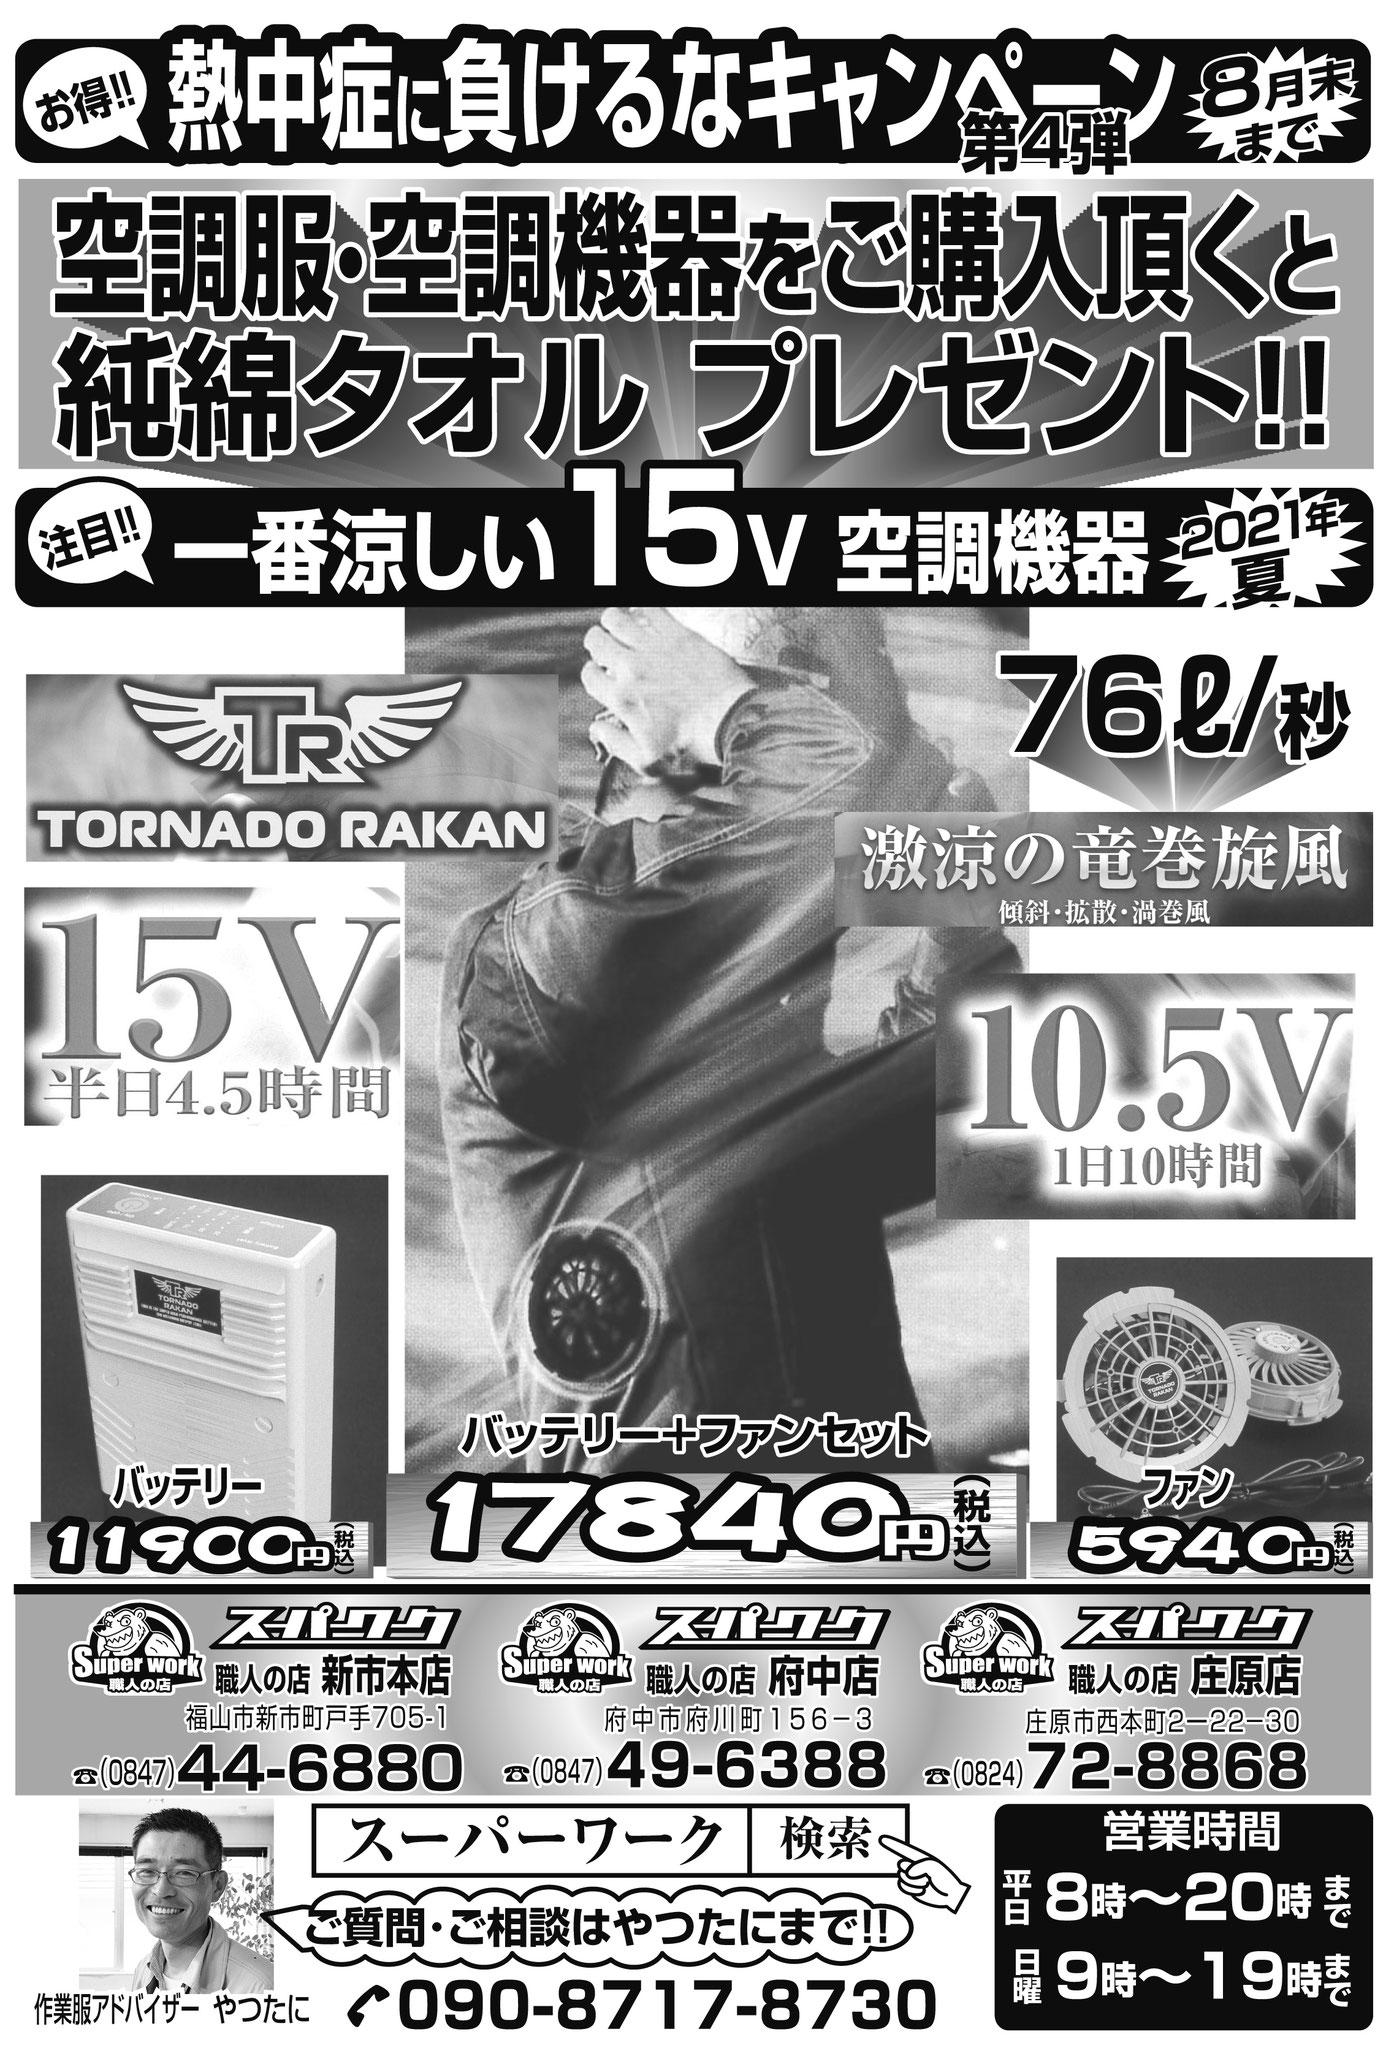 2021年8月 熱中症に負けるなキャンペーン 第4弾 開催中!!トルネードラカン15V 好評販売中!!